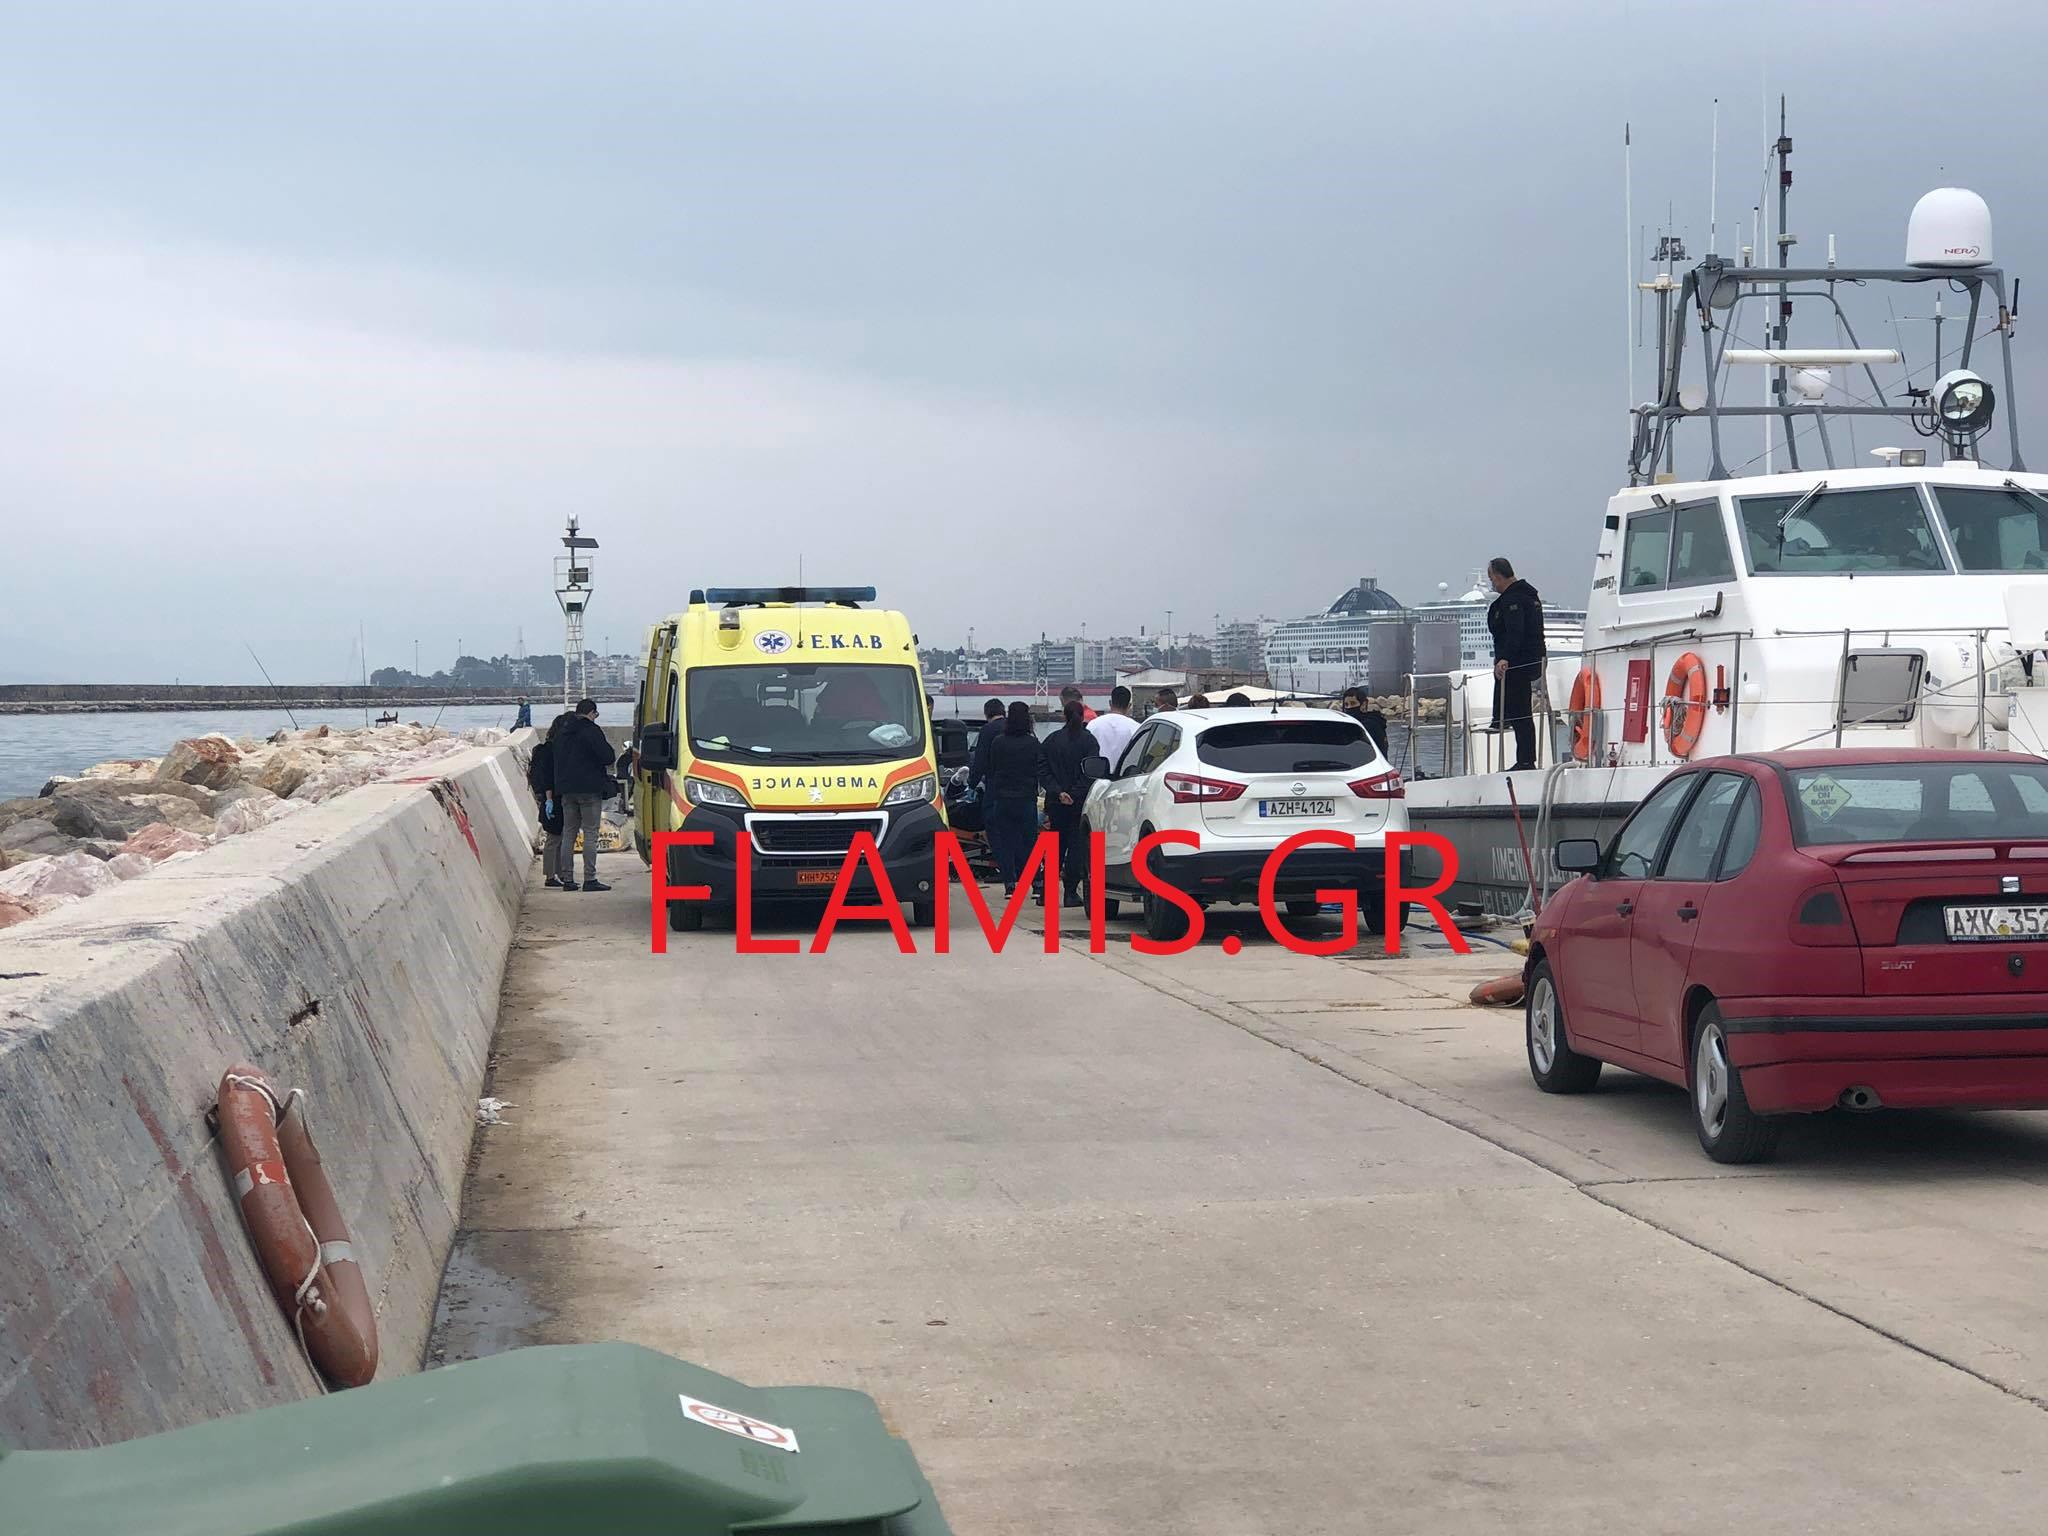 Πάτρα: Έκαναν βόλτα στο λιμάνι και είδαν… πτώμα! Συναγερμός στις αρχές